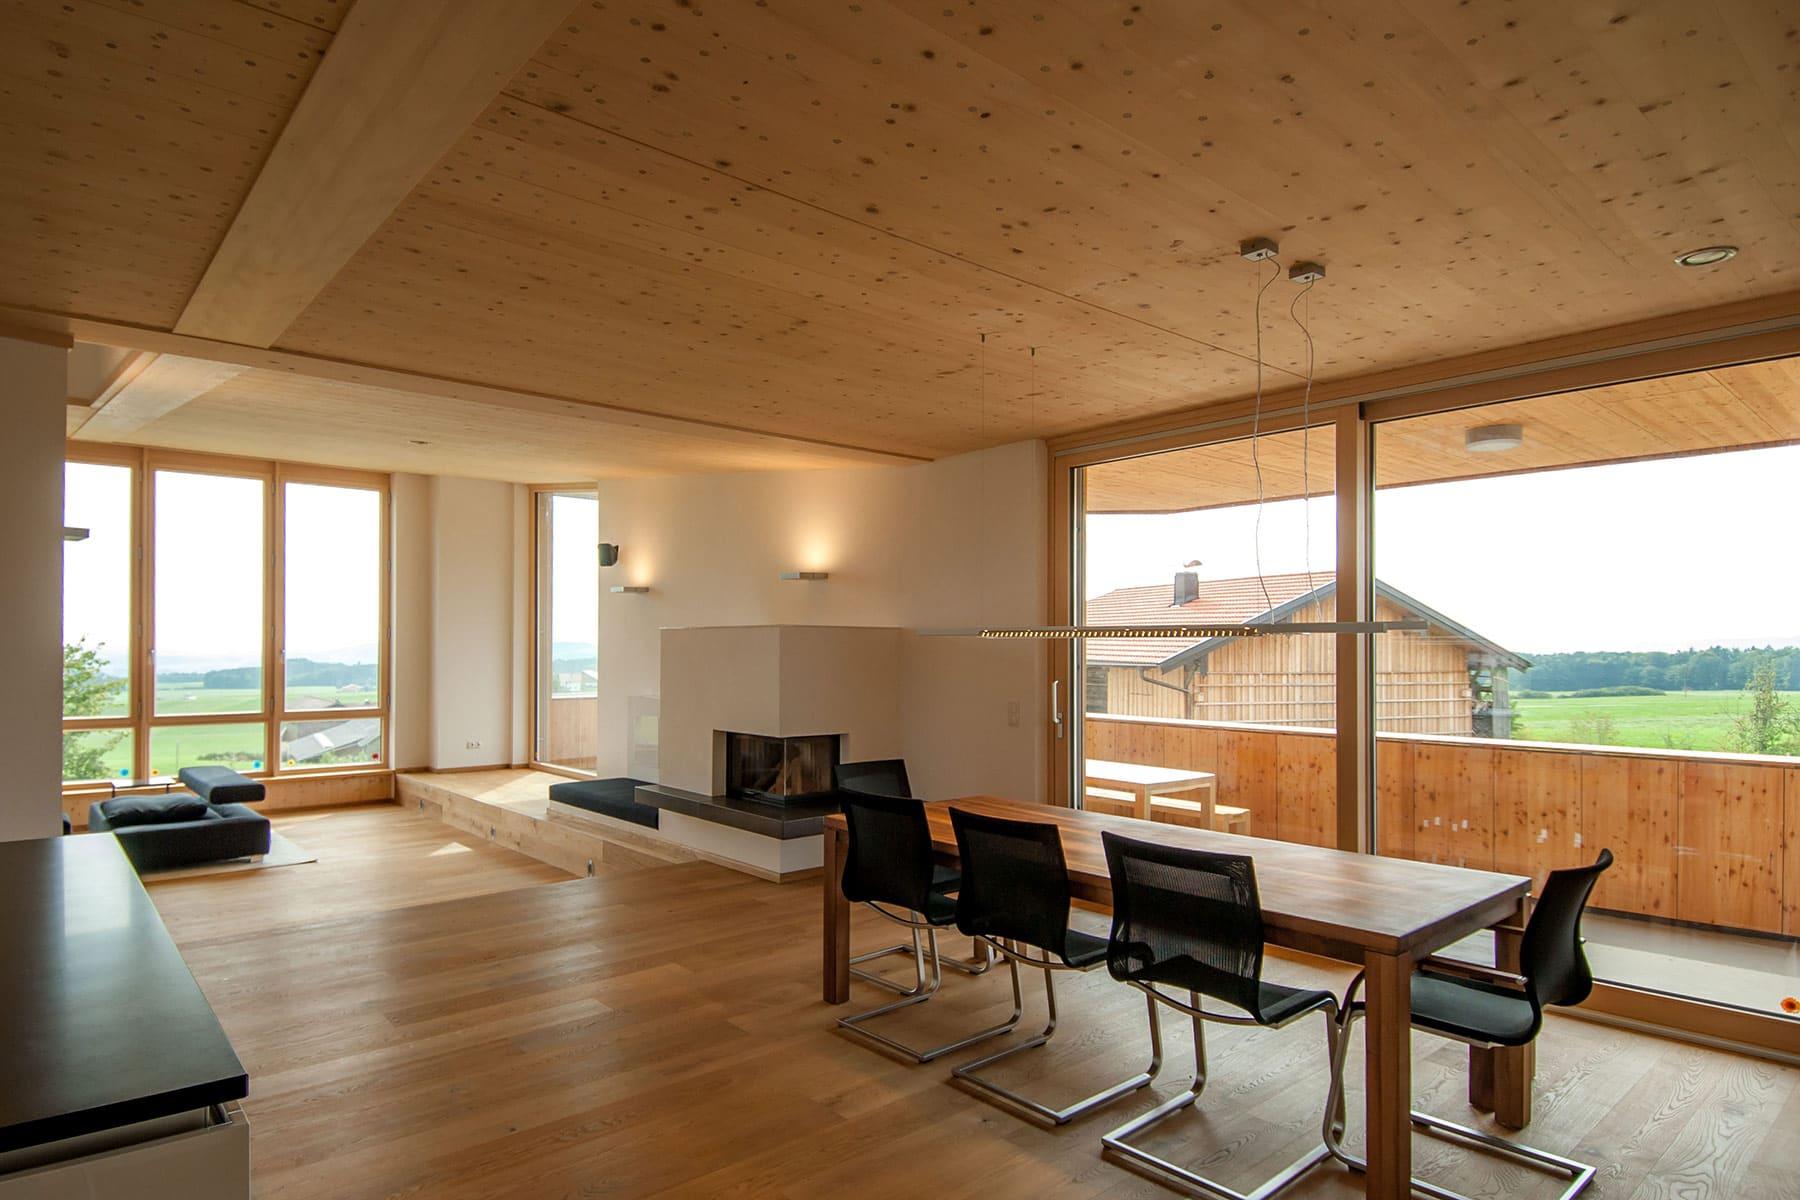 essbereich, holzhaus, architekt, haus, bauernhof, umbau, salzburg, landleben, loft, architektur